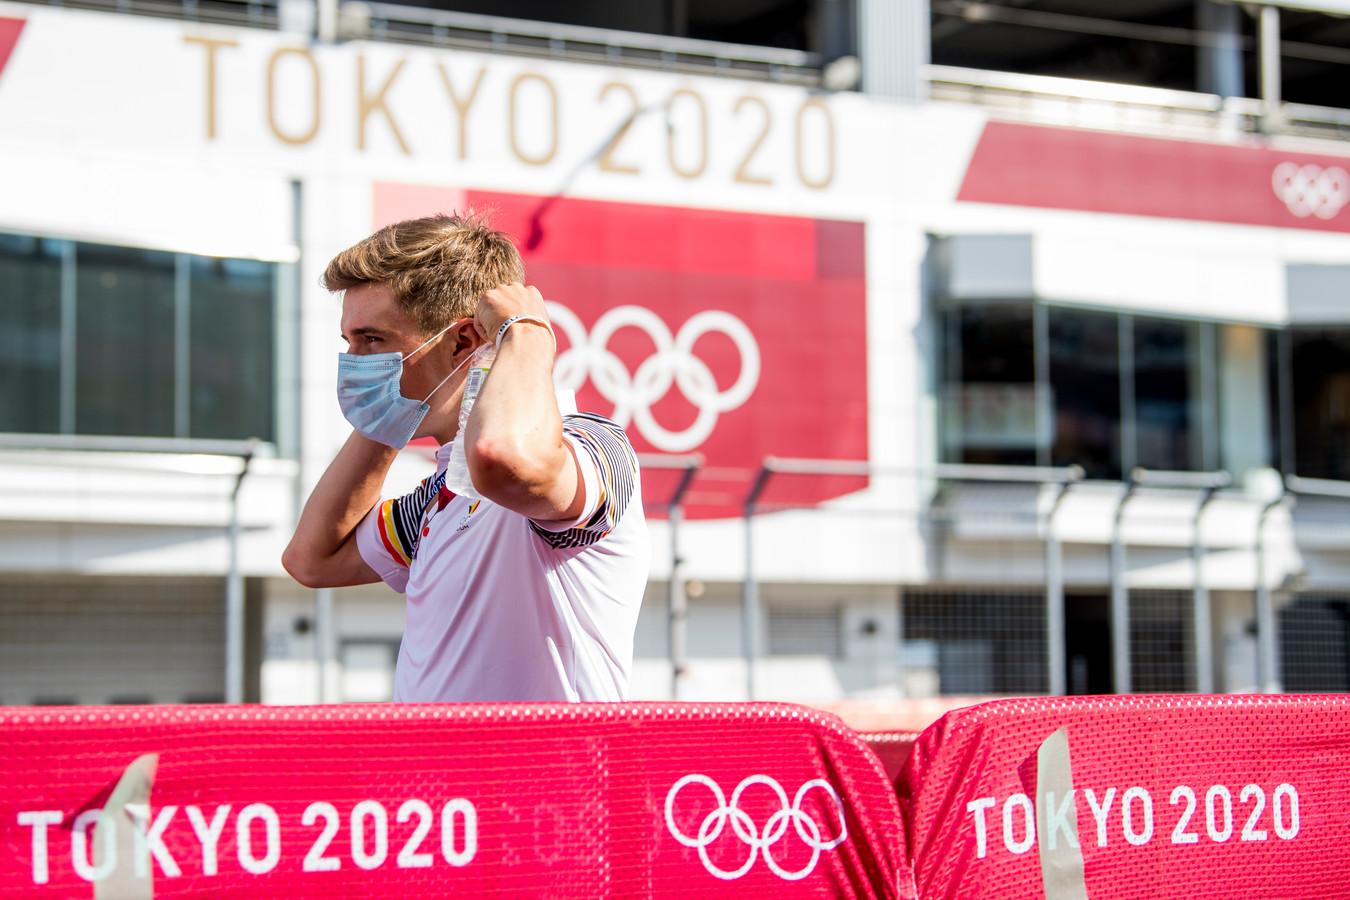 Comme Remco Evenepoel, de nombreux athlètes sont arrivés en avance à Tokyo pour s'acclimater.